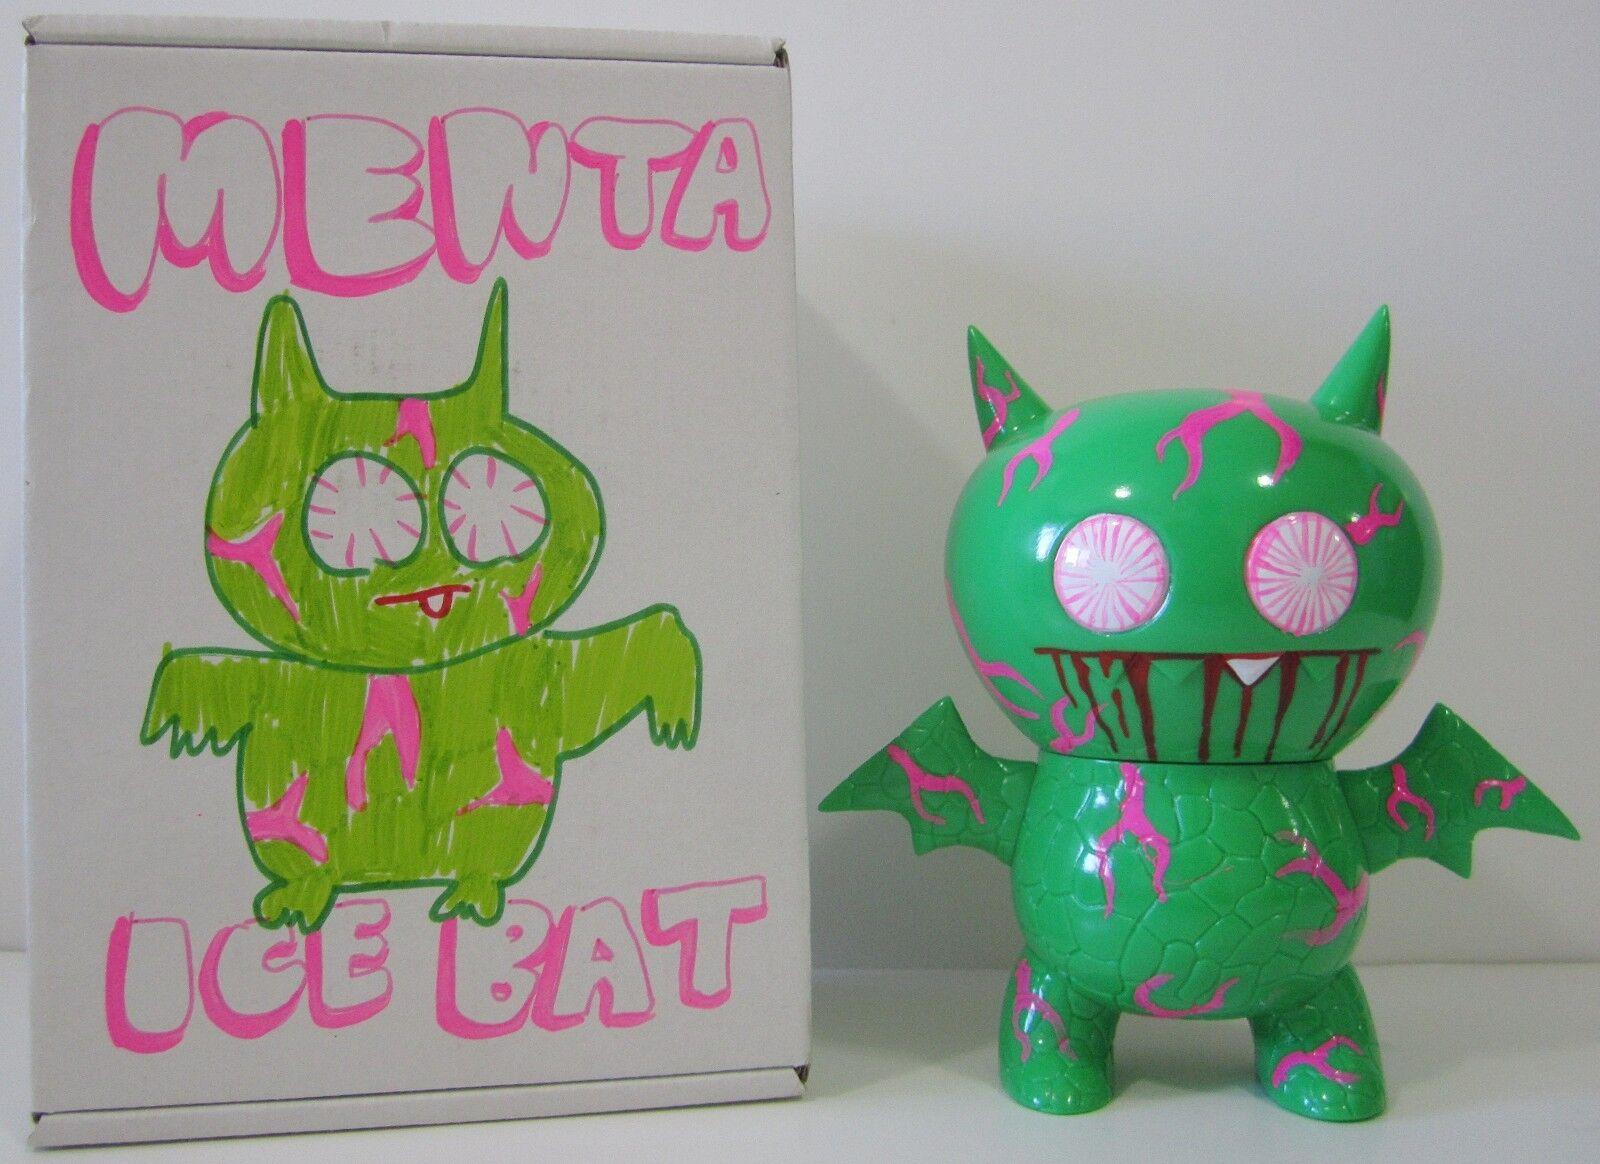 CRAZY RARE   MENTA ICE-BAT Kaiju Vinyl UGLYDOLL  ONLY 25 EXIST  DEHARA + HORVATH